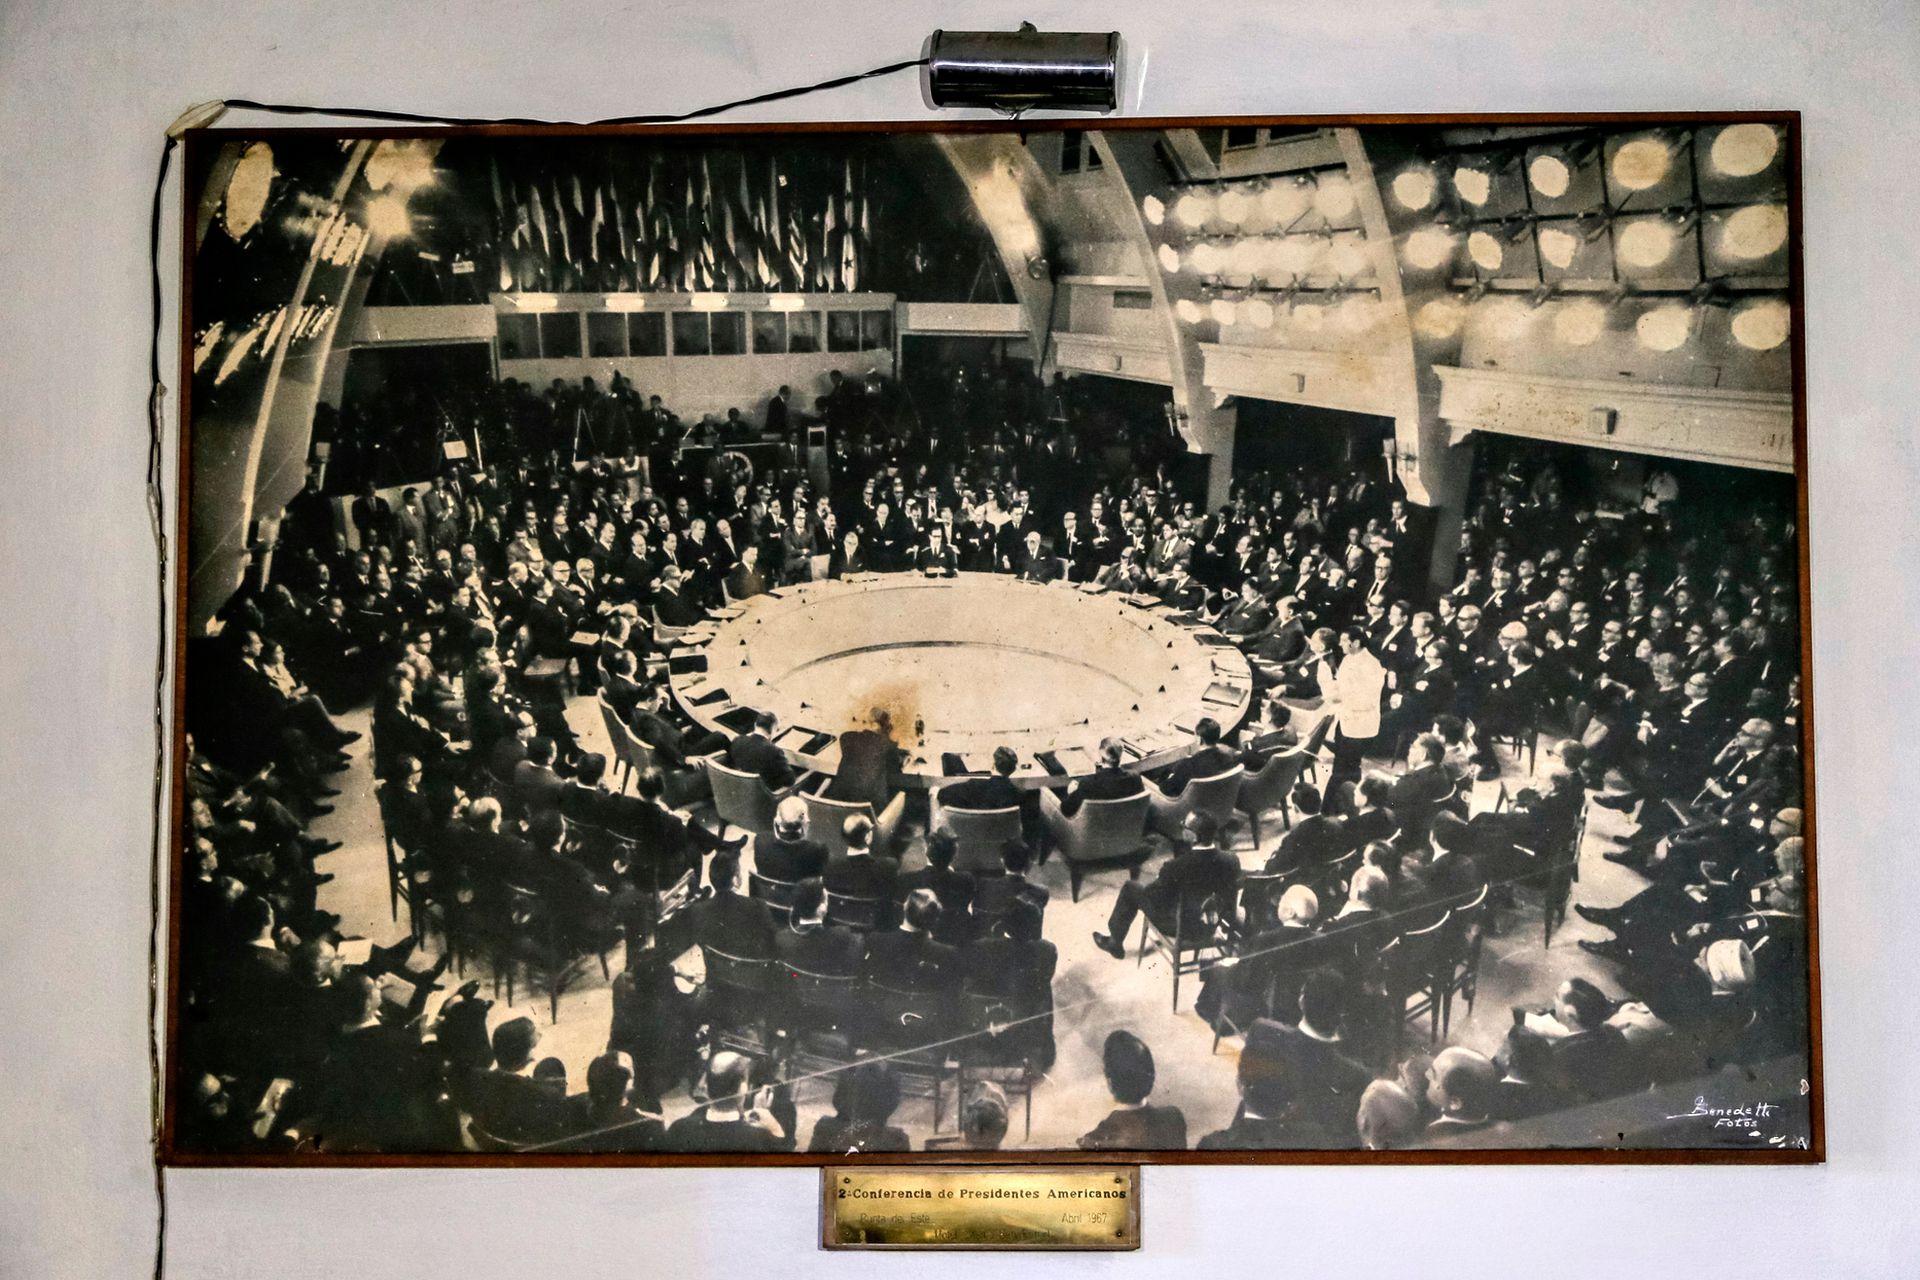 En los 60 albergó la Conferencia de Presidentes de las Américas